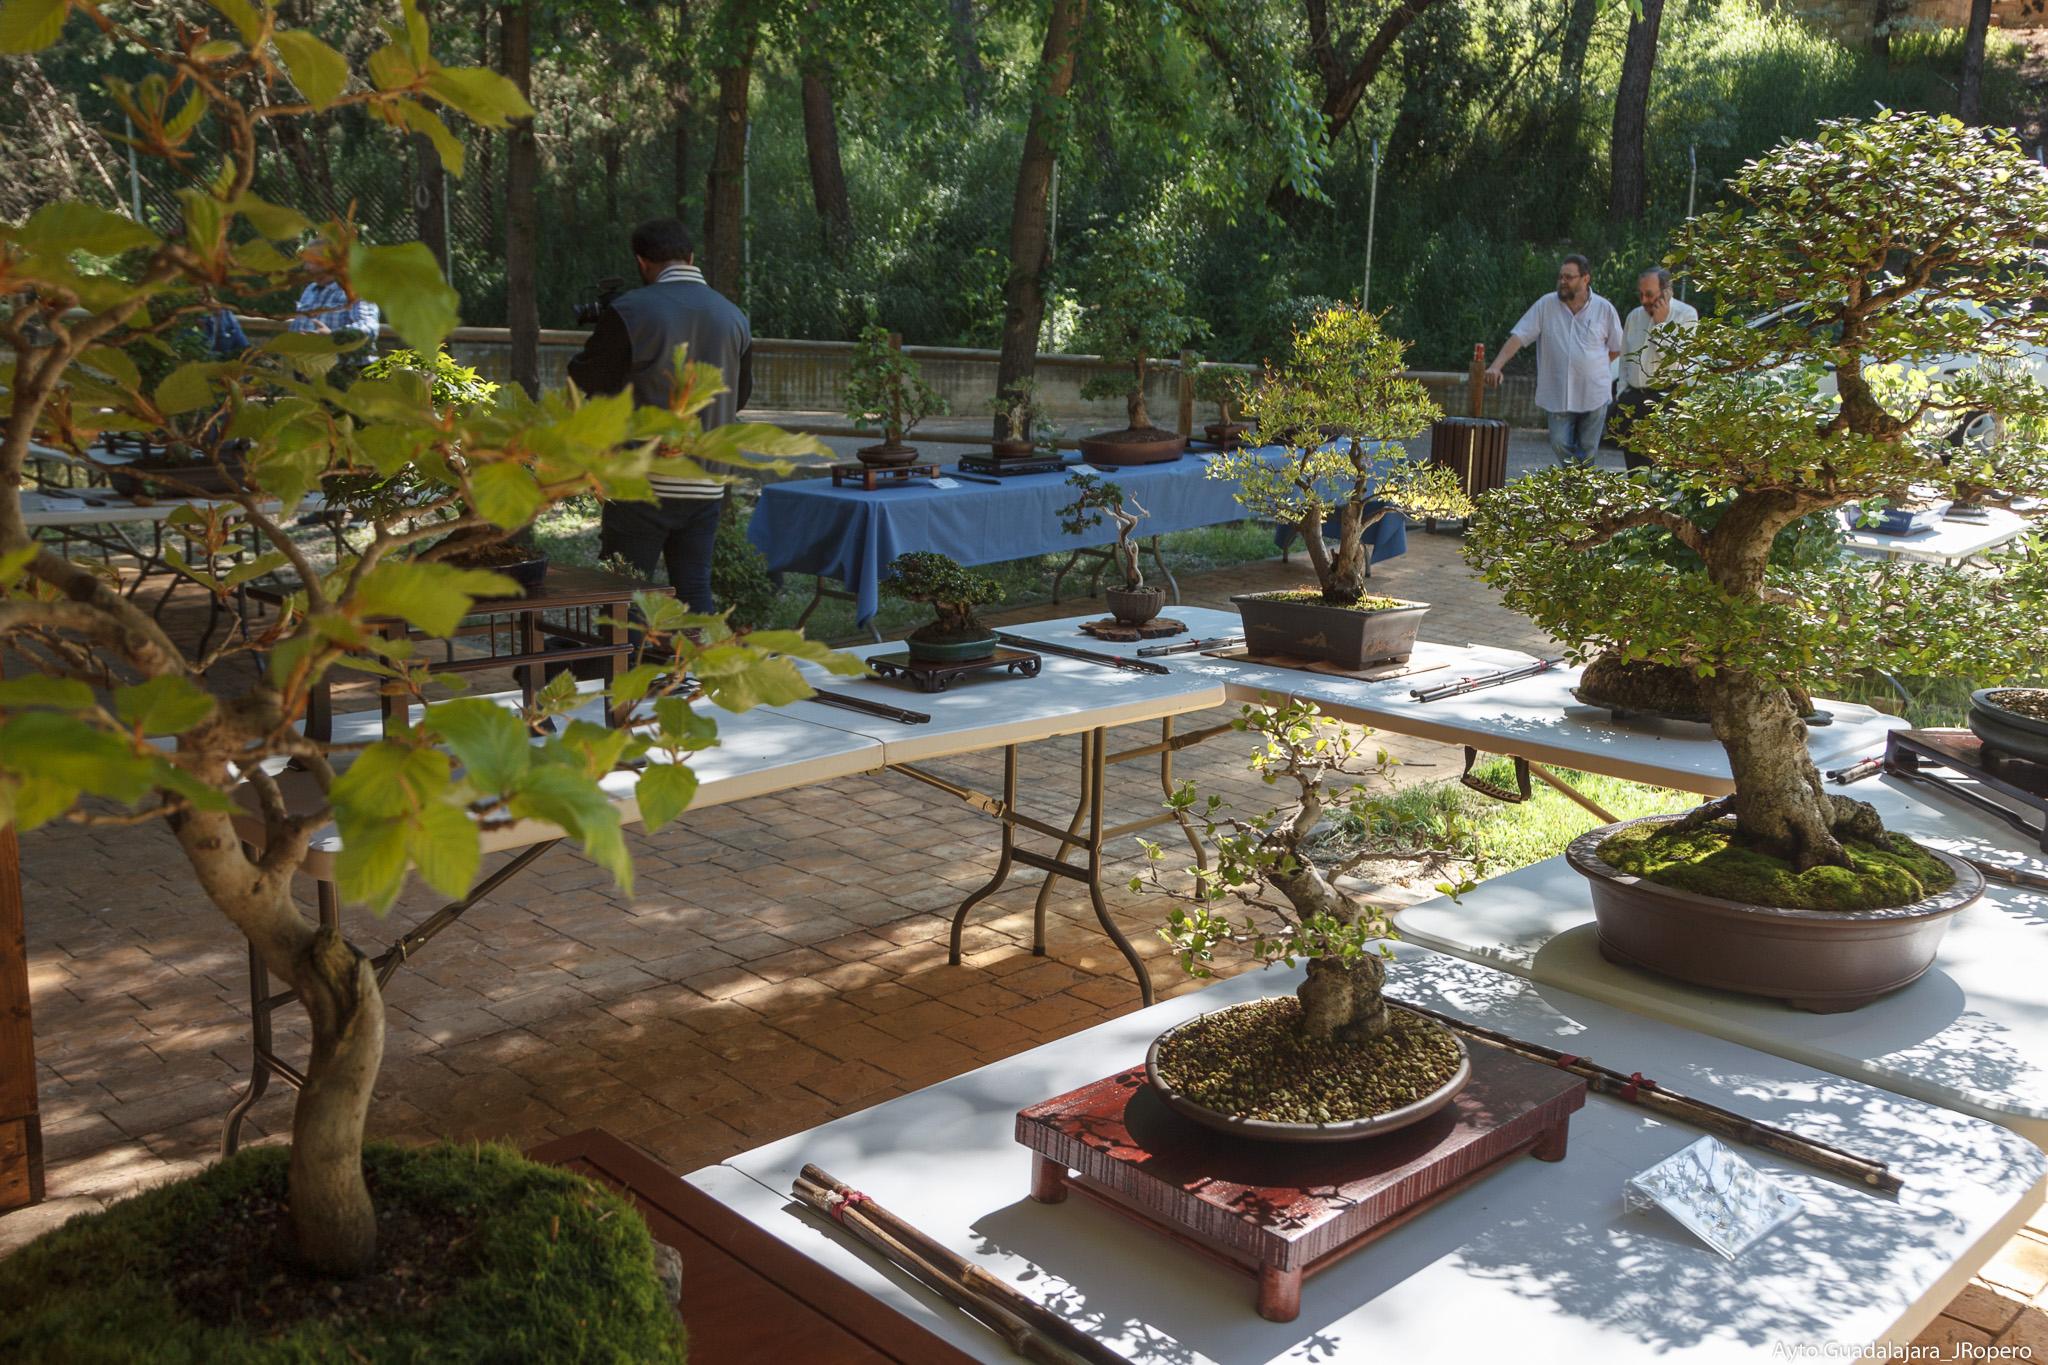 VII Exposición de Bonsái Guadalajara 2019 en el Aula de la Naturaleza del Zoo